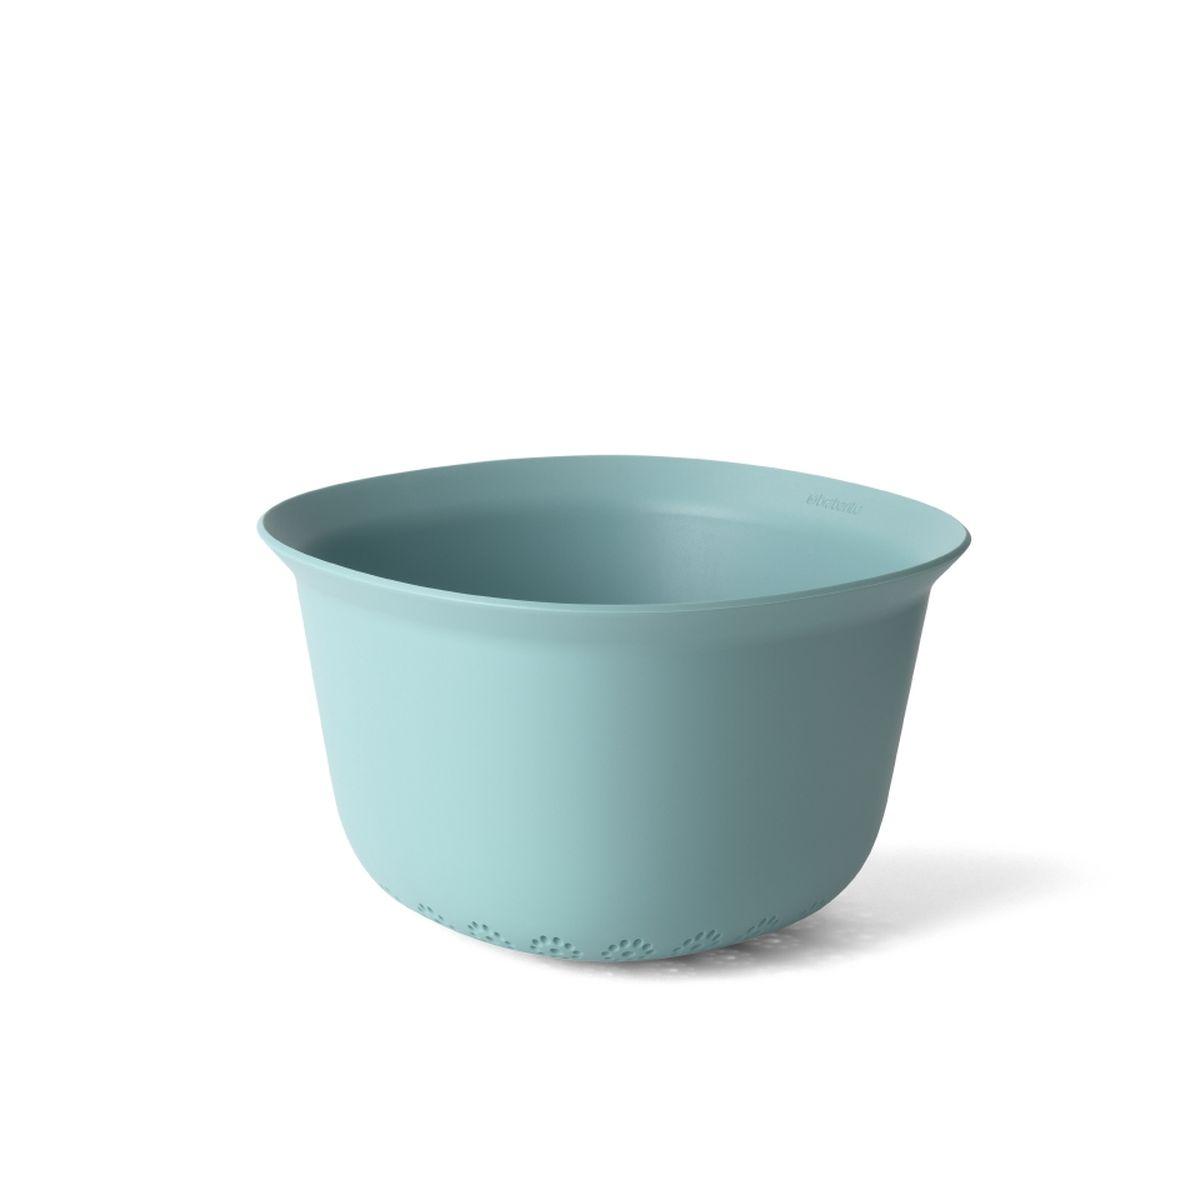 Идеально подходит для мытья фруктов и овощей, сливания жидкости после  варки макаронных изделий и т.п.  Изделие удобно держать благодаря форме с широкими краями.  Отличная устойчивость – три опорных ножки.  Экономия места на кухне и удобное хранение – изделия составляются одно в  другое.  Легко моется – можно мыть в посудомоечной машине.